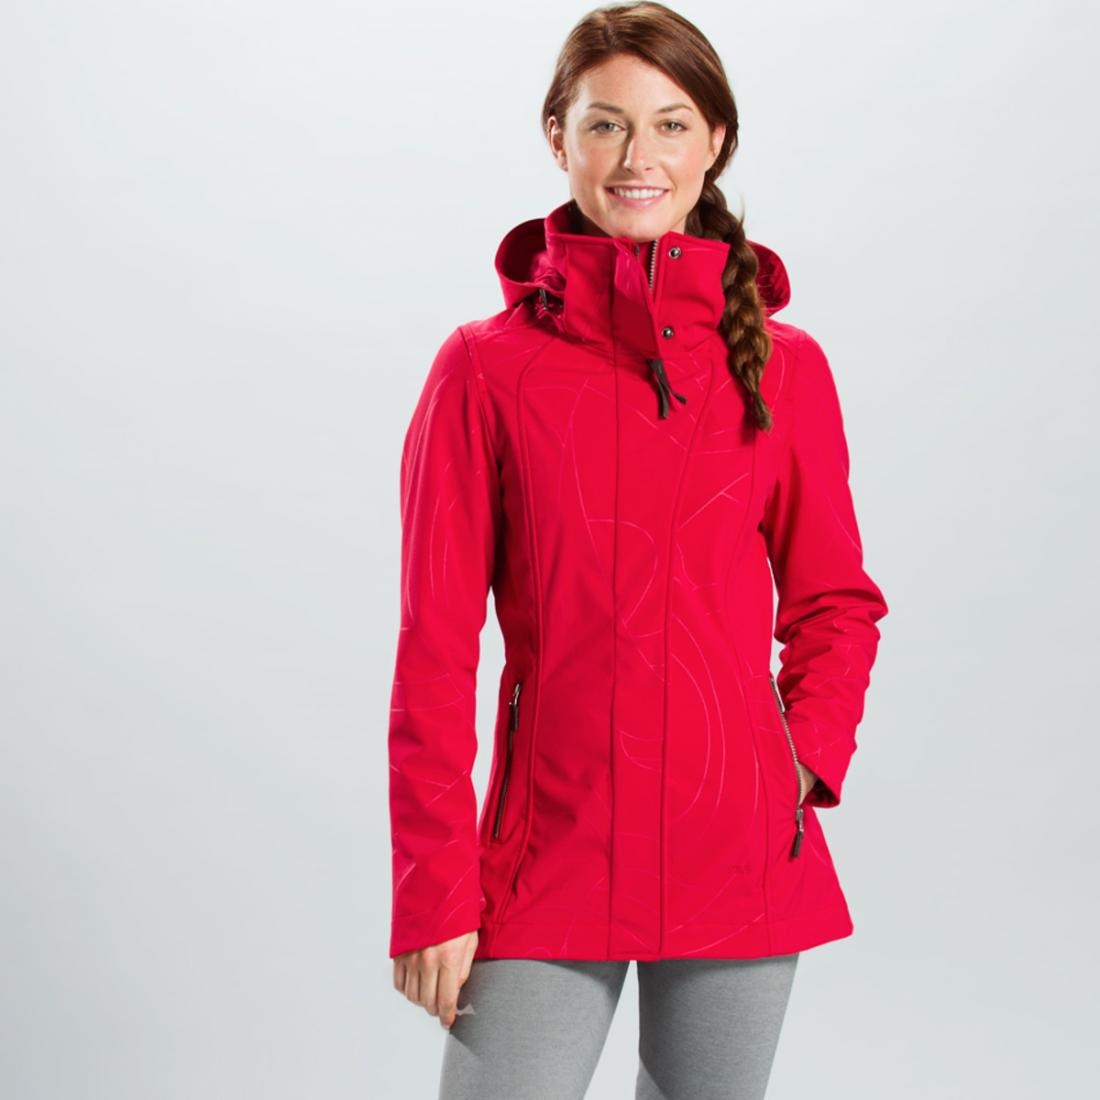 Куртка LUW0191 STUNNING JACKETКуртки<br>Легкий демисезонный плащ из софтшела с оригинальным принтом – функциональная и женственная вещь. <br> <br><br>Регулировки сзади на талии...<br><br>Цвет: Бордовый<br>Размер: XS